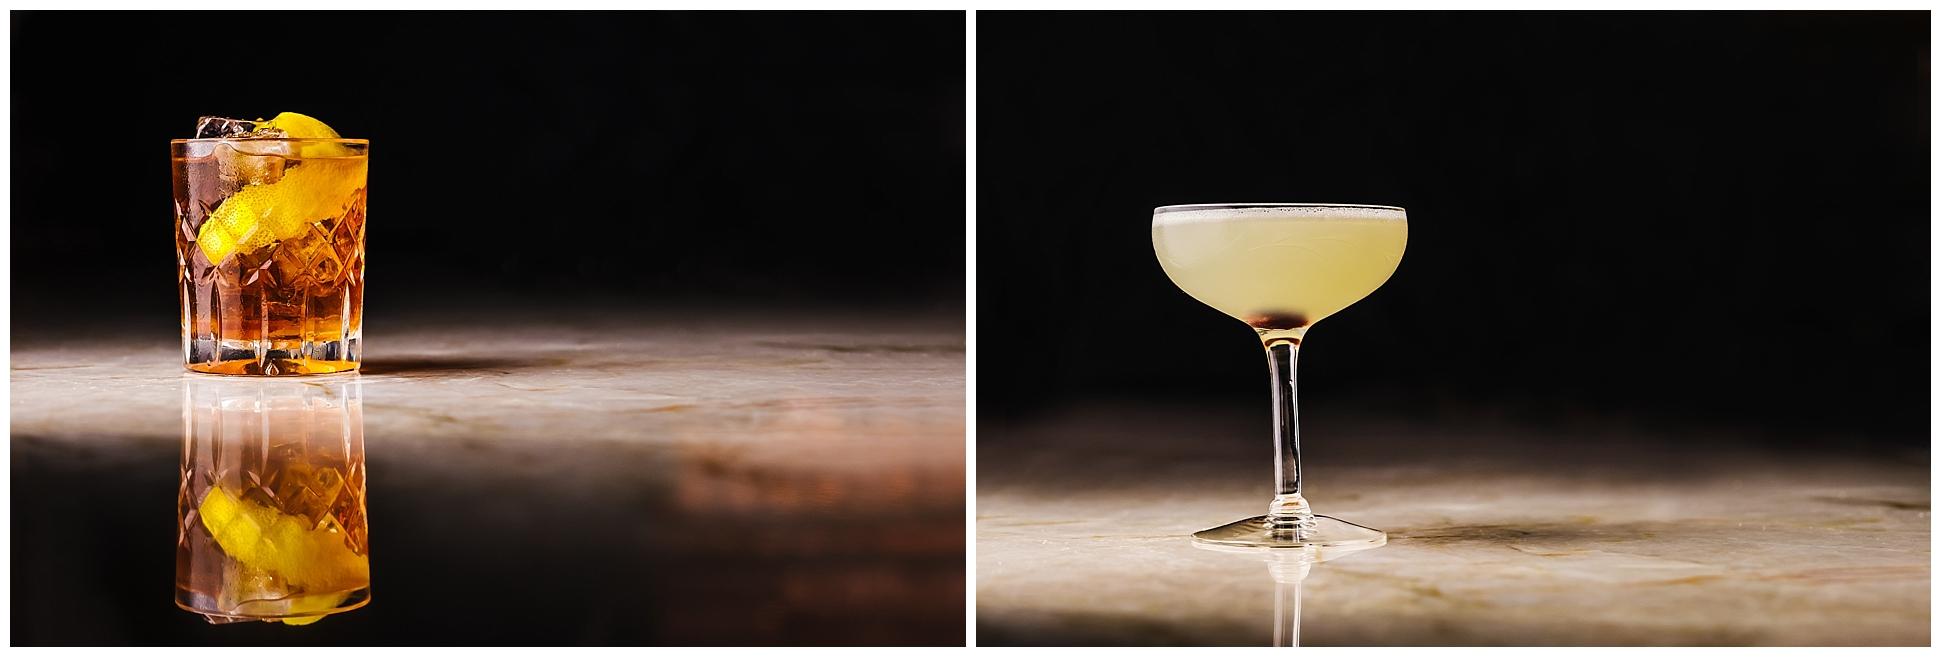 hotel-bar-food-cocktails_4.jpg